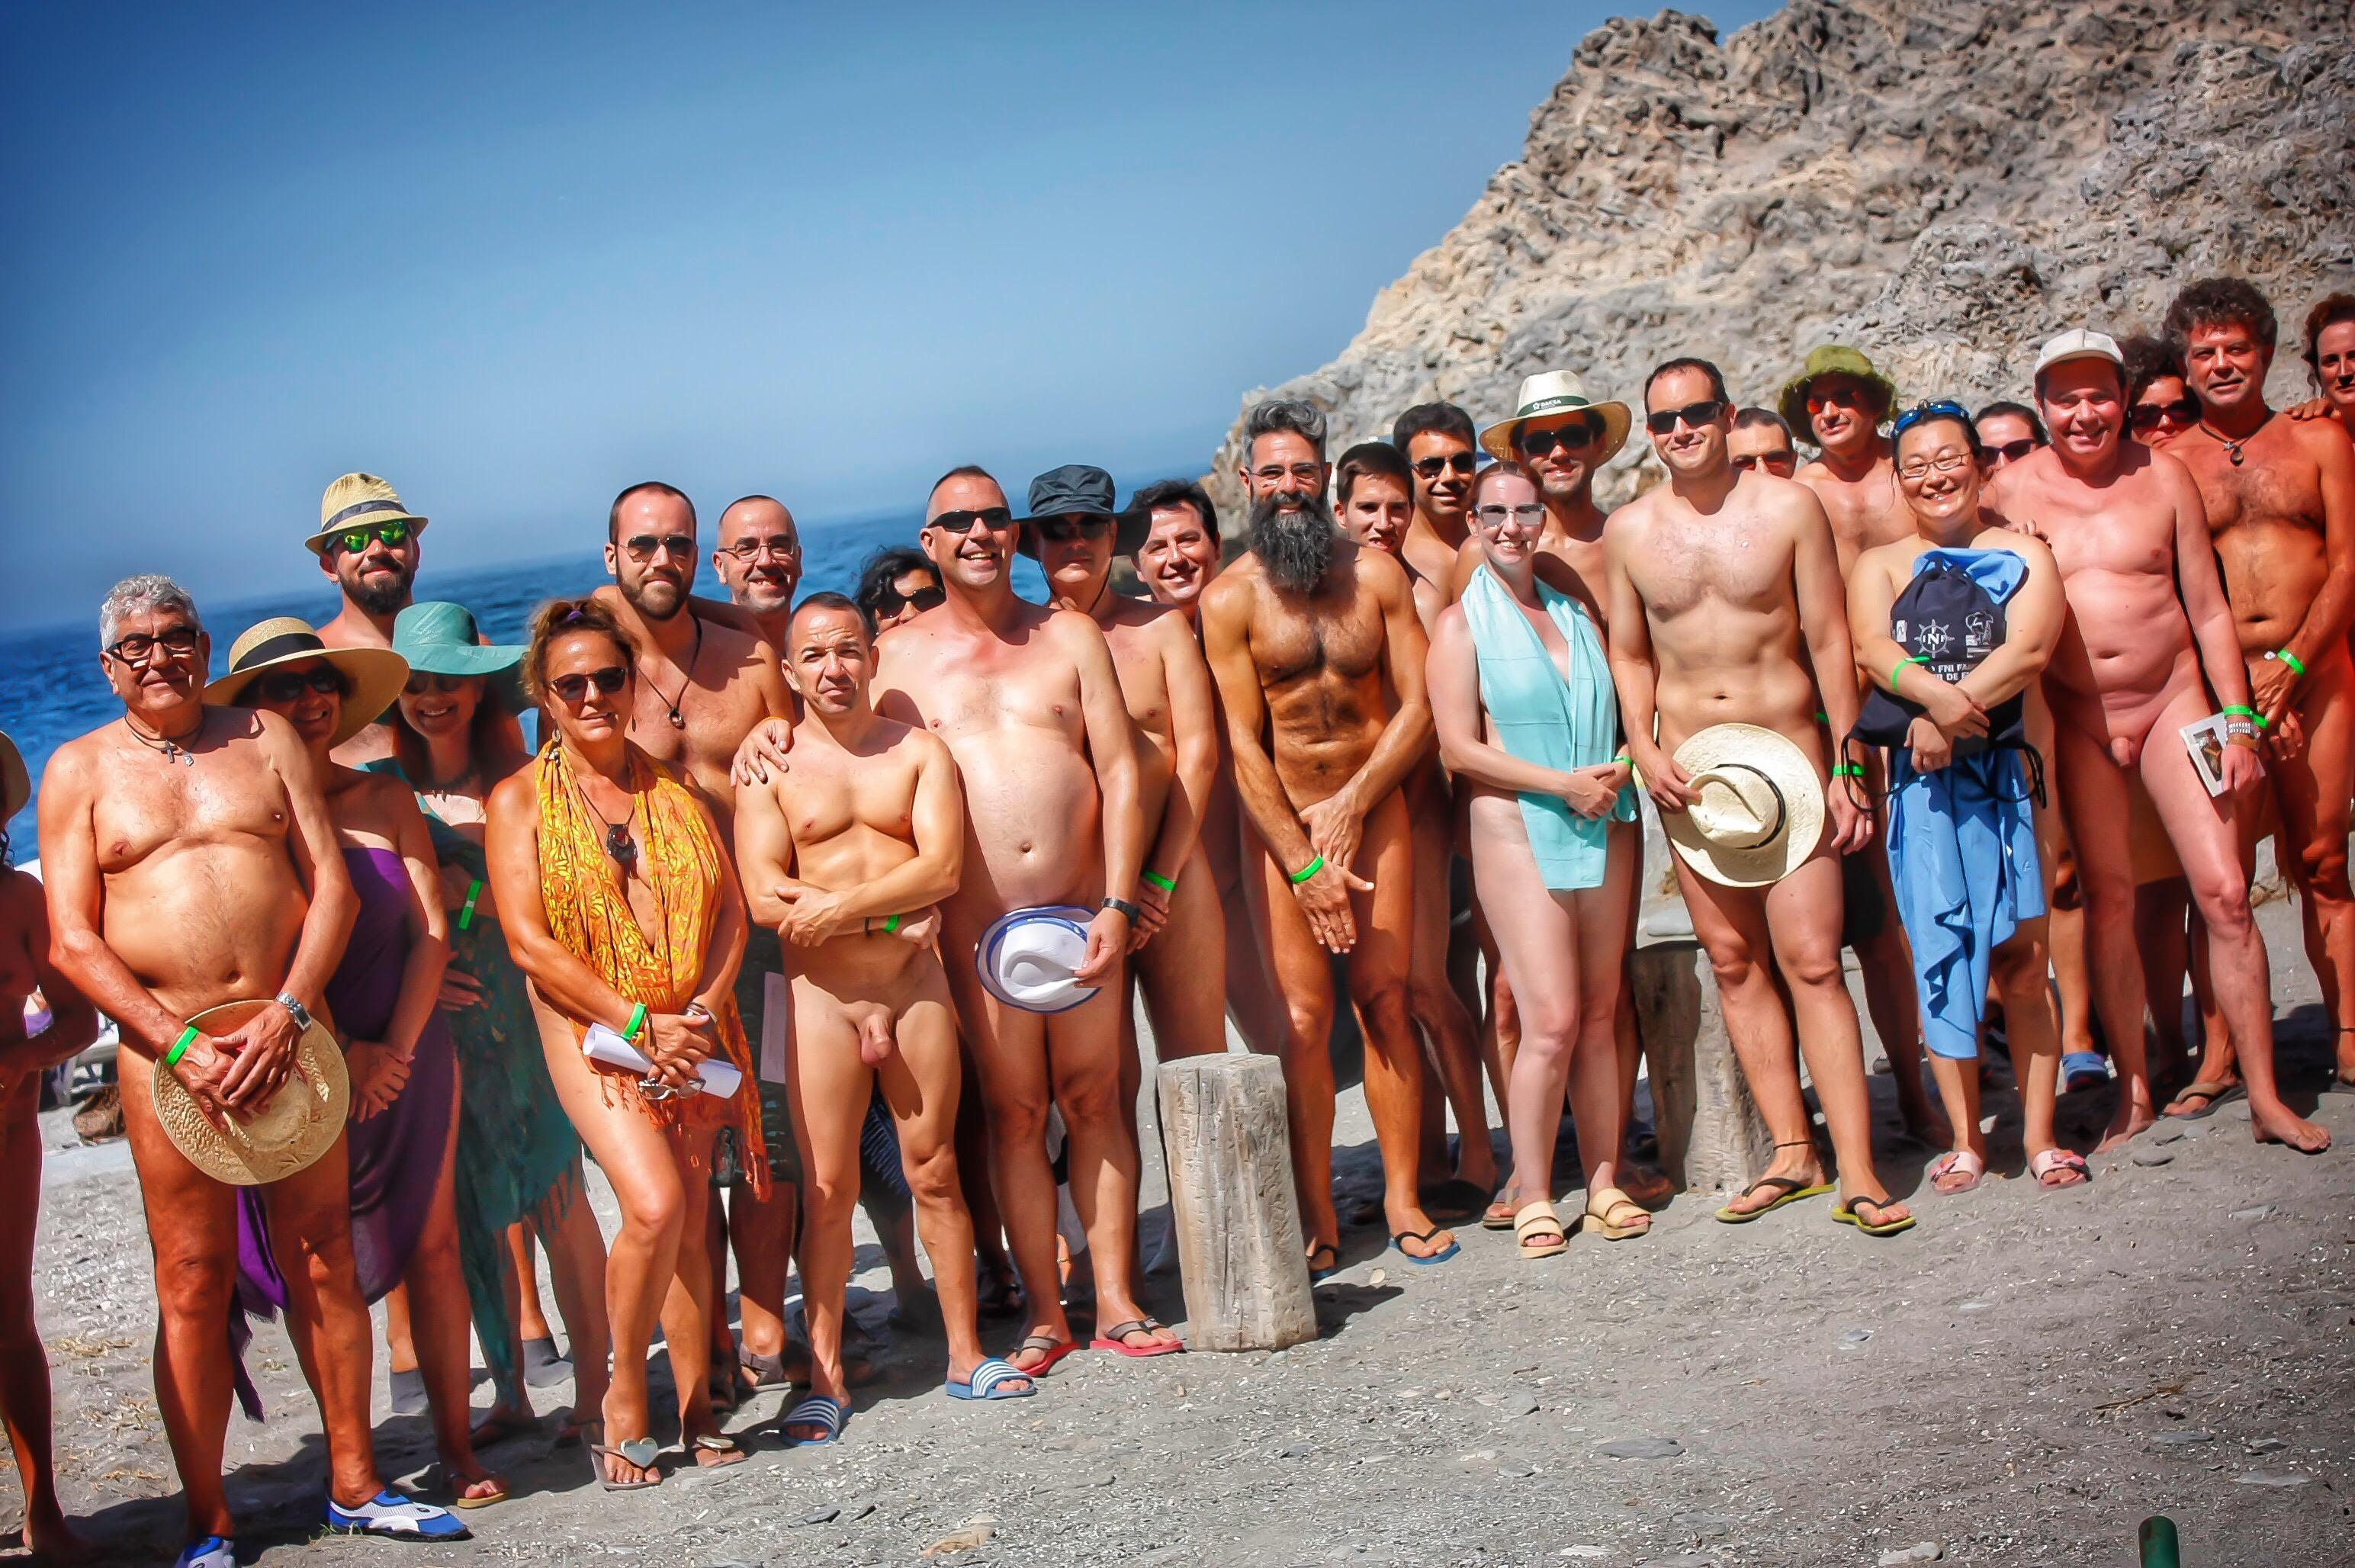 Jornada de Encuentro Nudista 2019